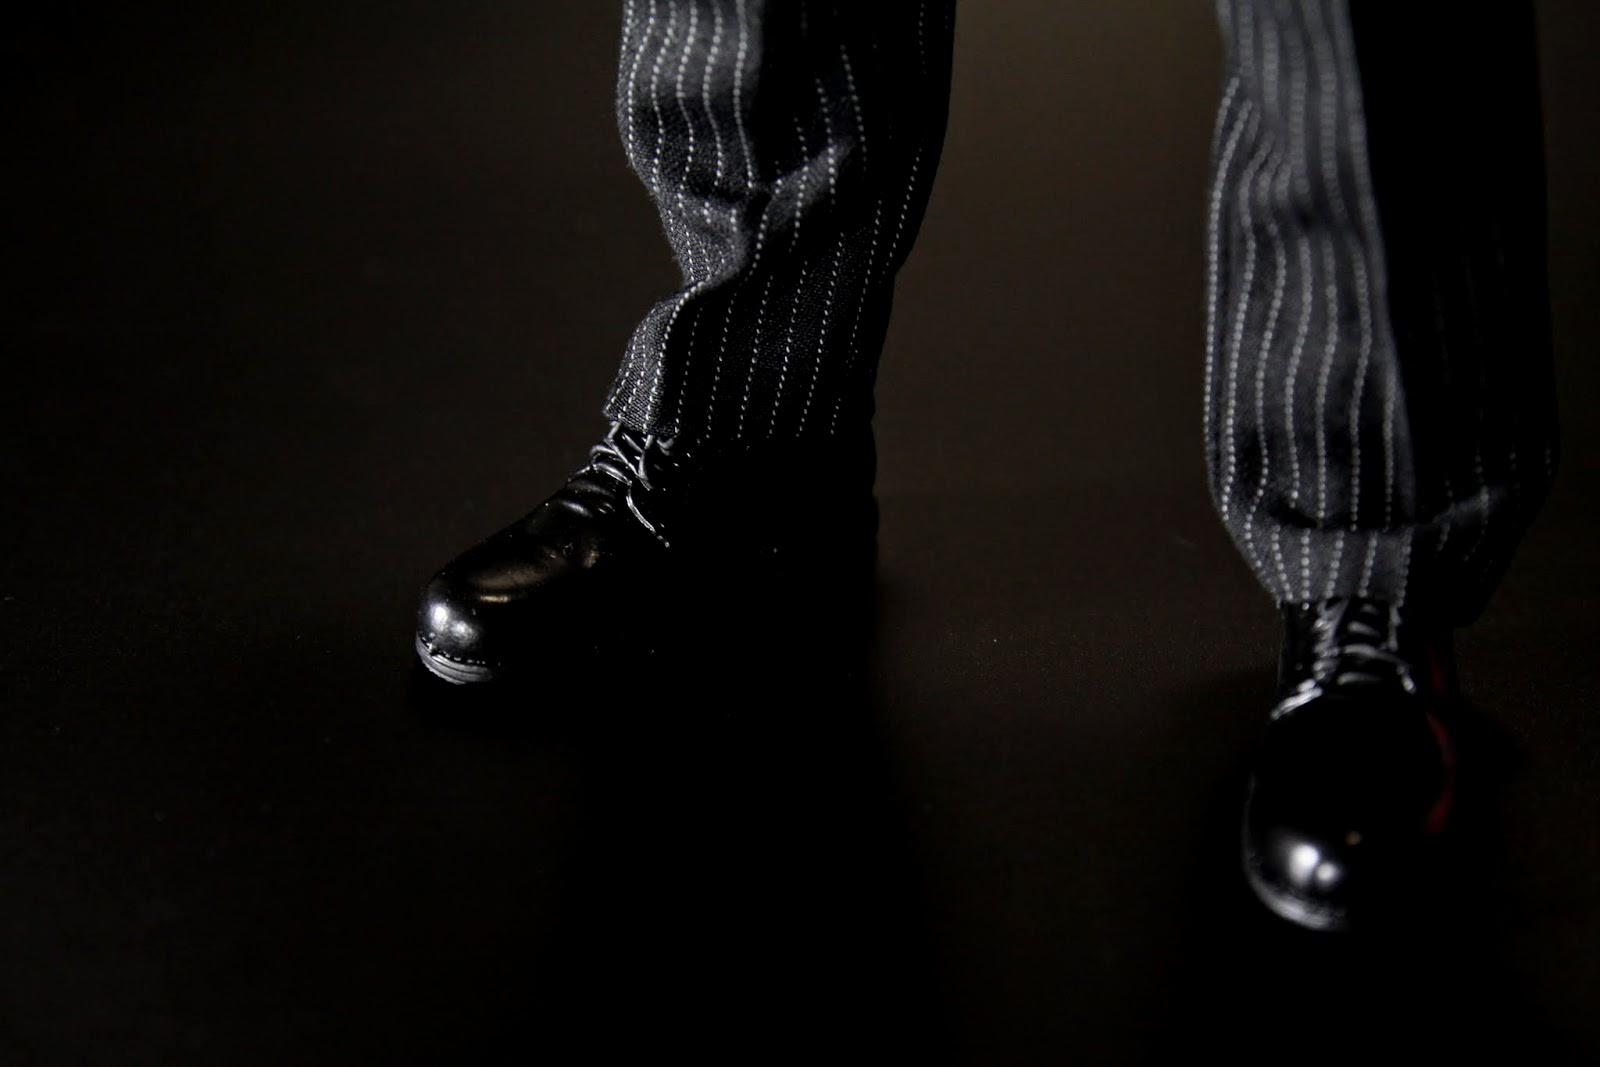 皮鞋我倒是沒啥感覺,不過跟阿福的皮鞋不同雙